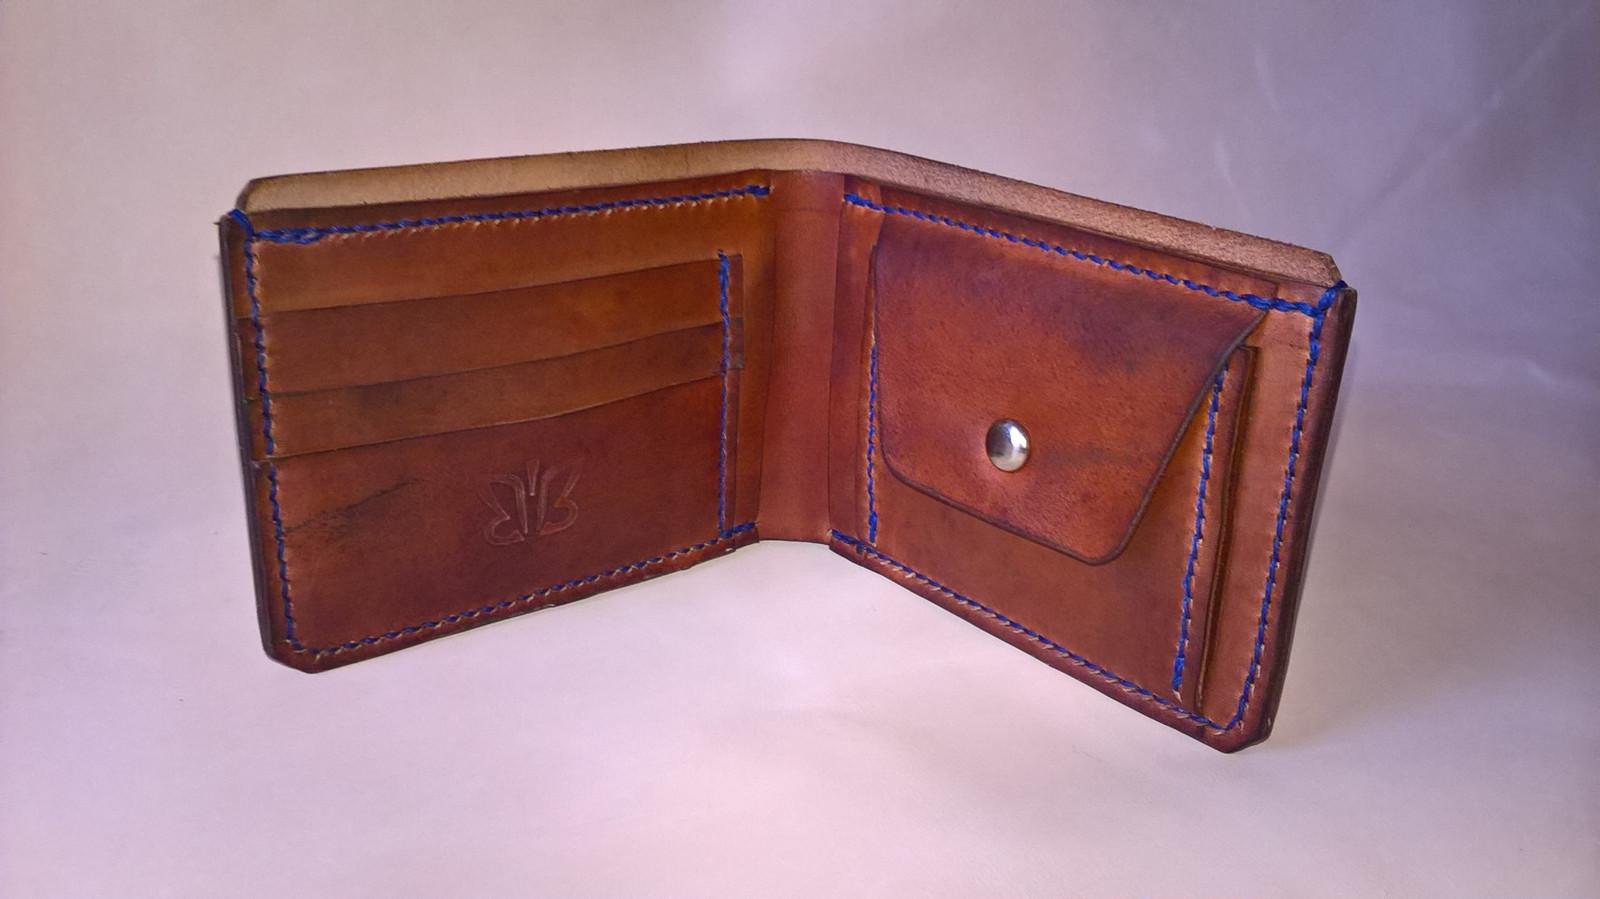 Pánská peněženka ručně šitá - Hnědá   Zboží prodejce Baldonovo ... 8431e106e5